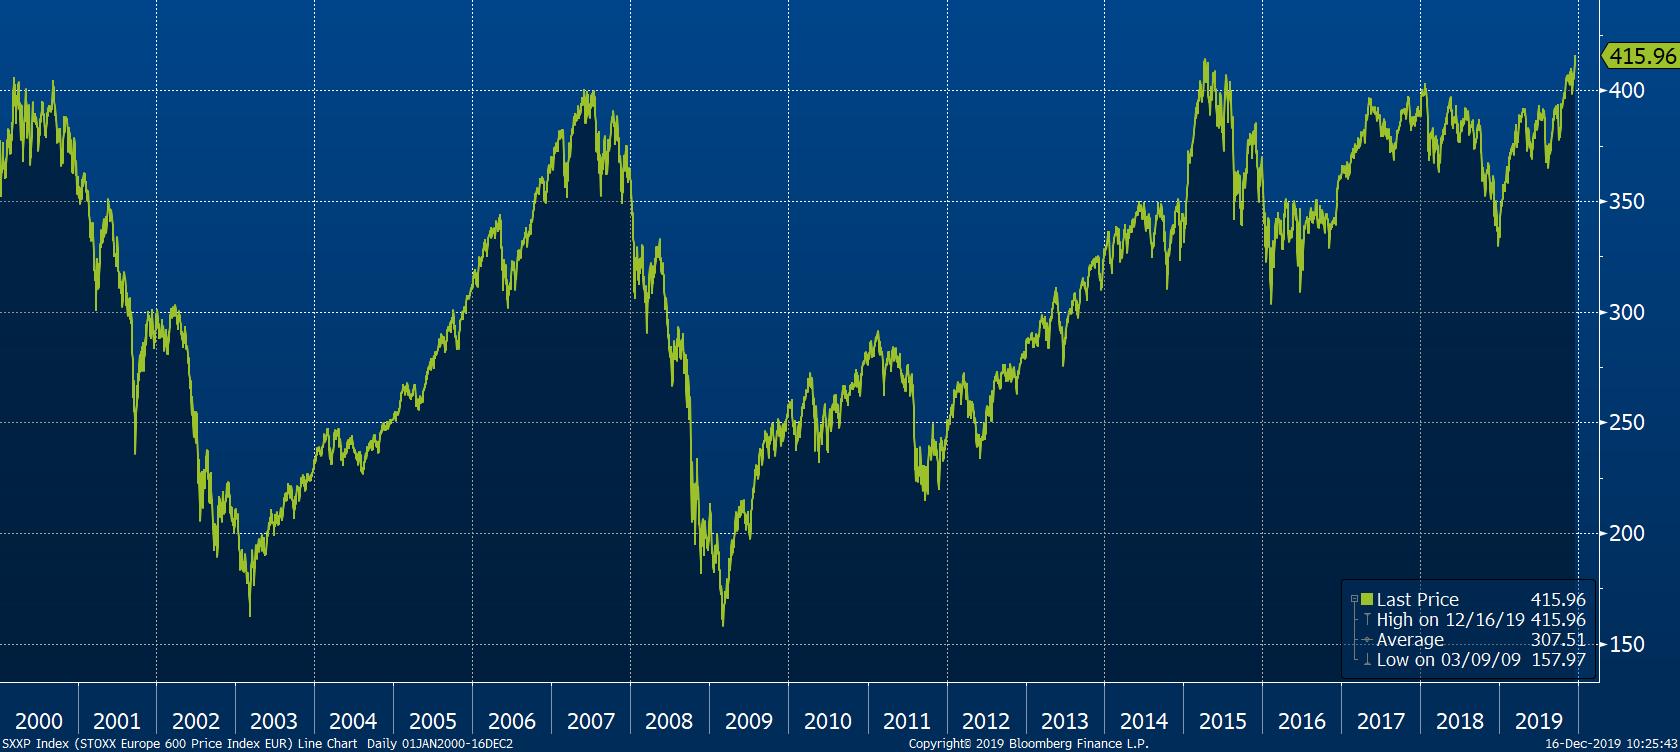 Evropský index Stoxx 600 s akciemi 600 největších evropských firem dnes atakuje historická maxima